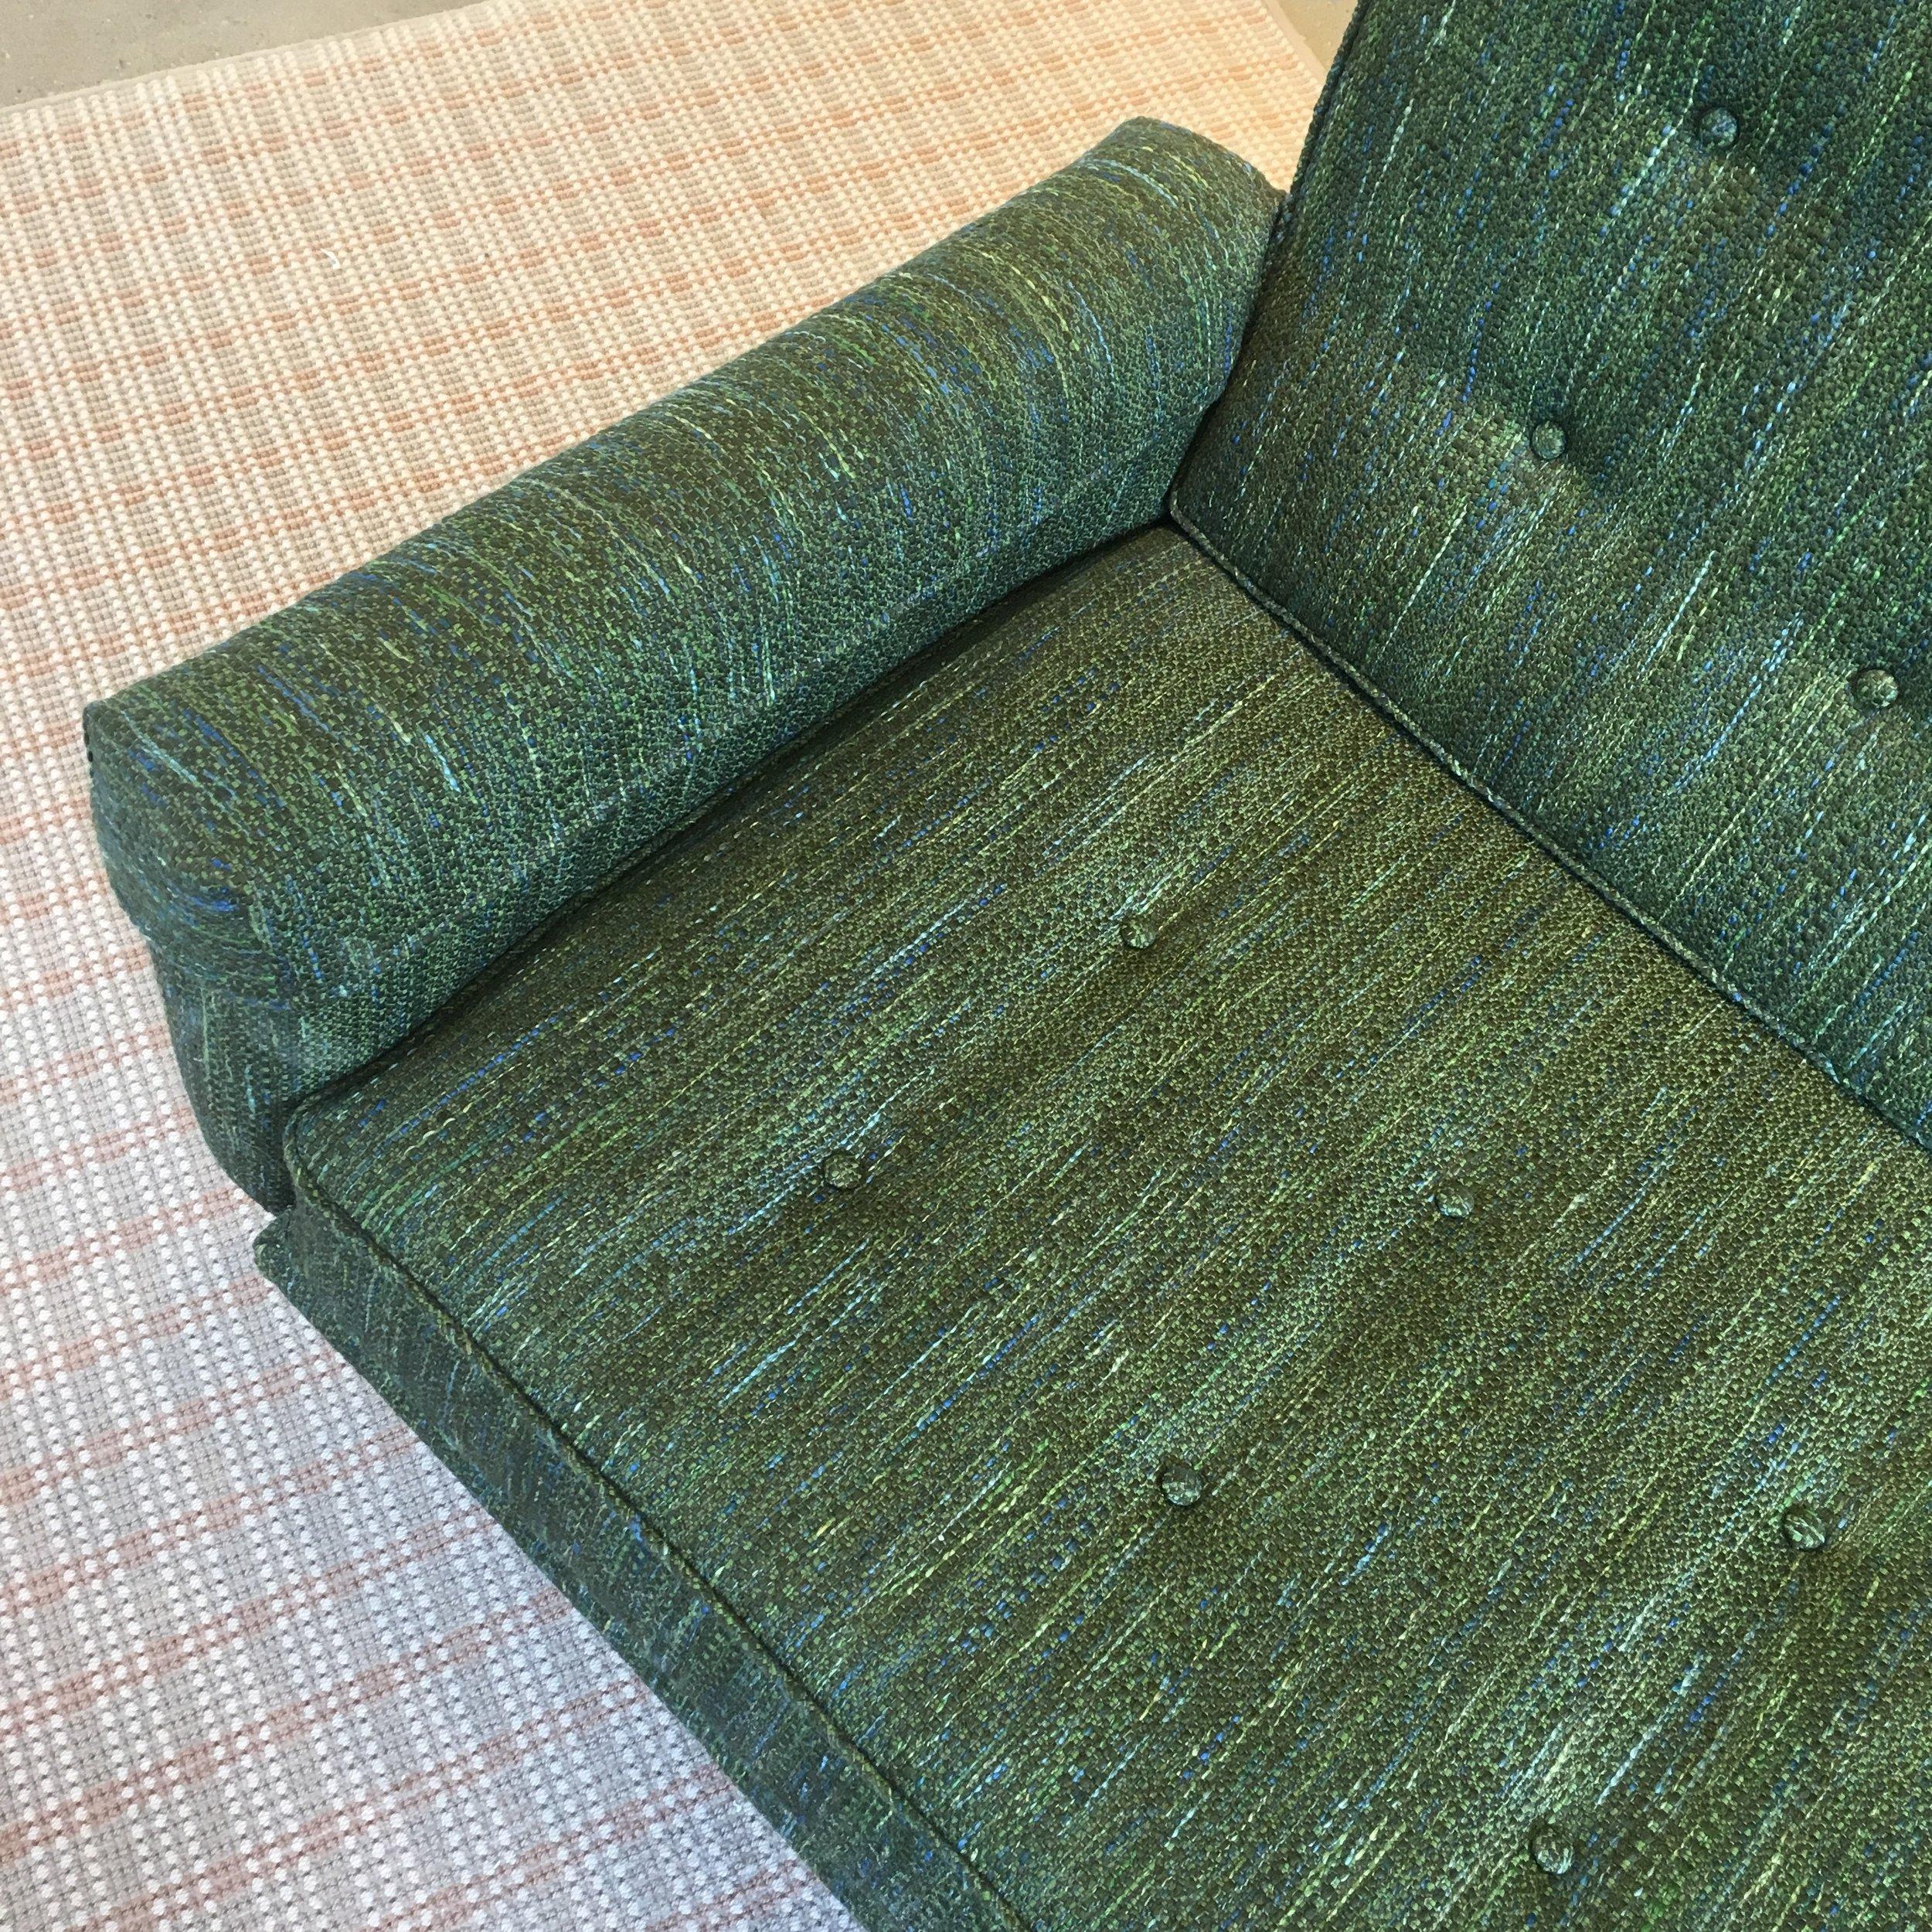 sofa detail.JPG